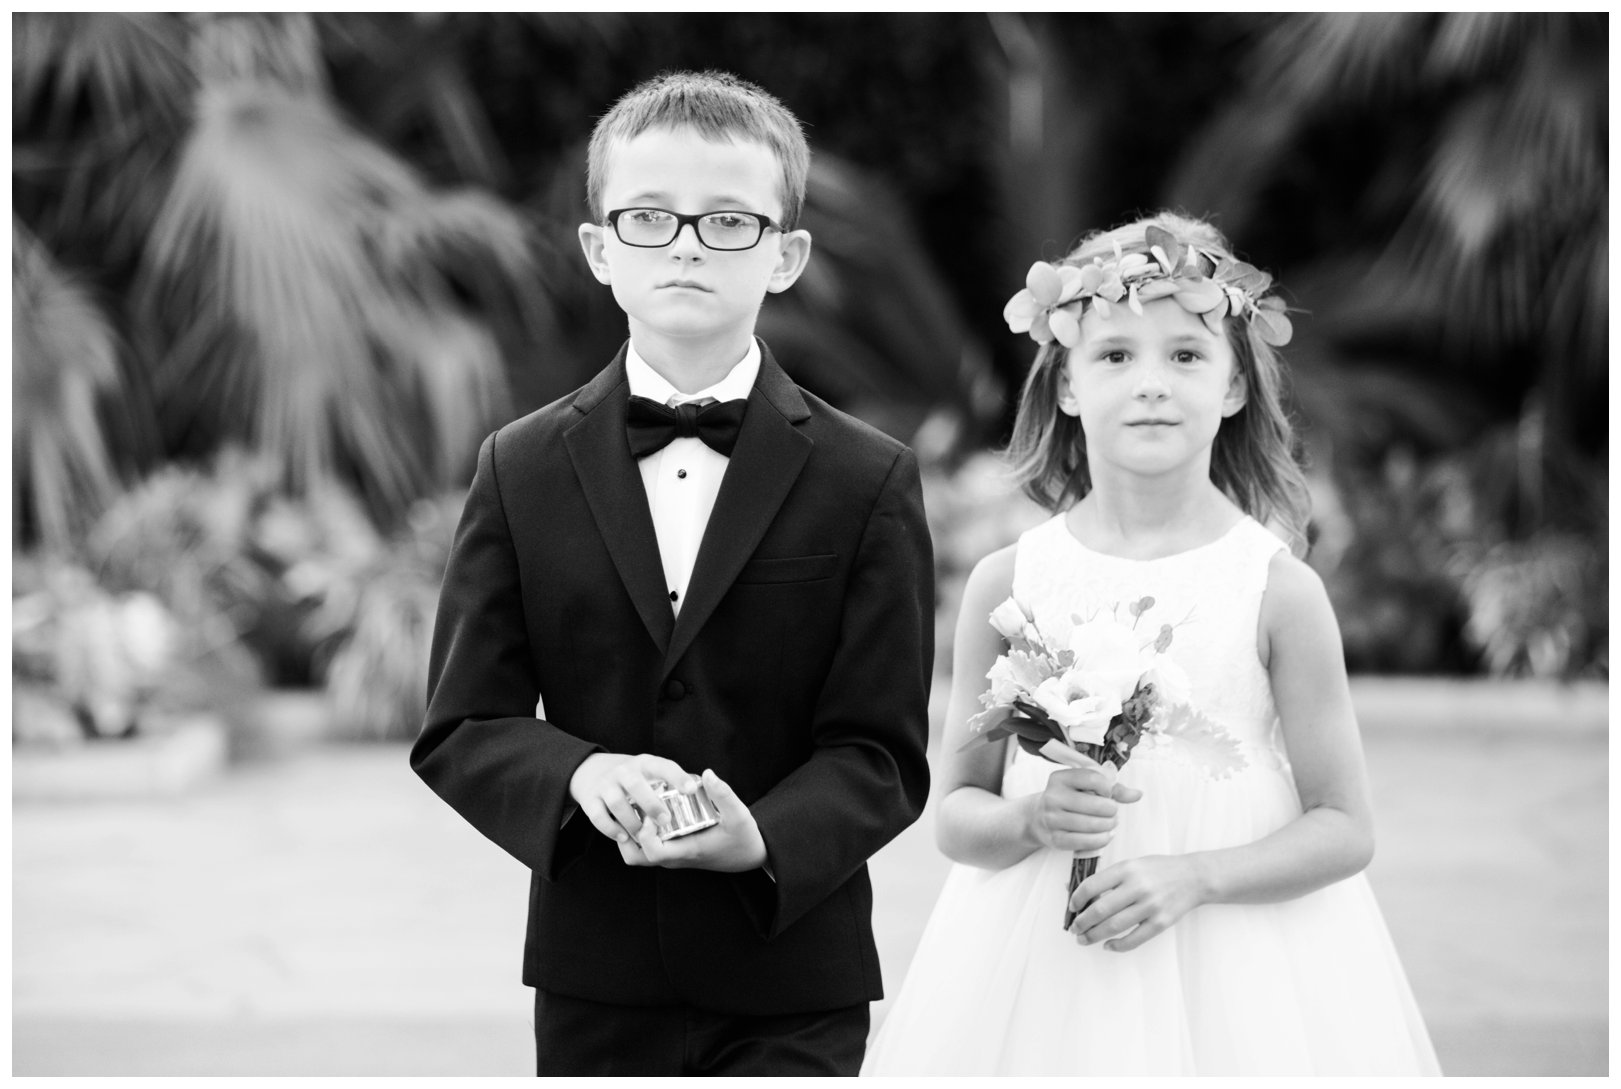 lauren muckler photography_fine art film wedding photography_st louis_photography_1296.jpg